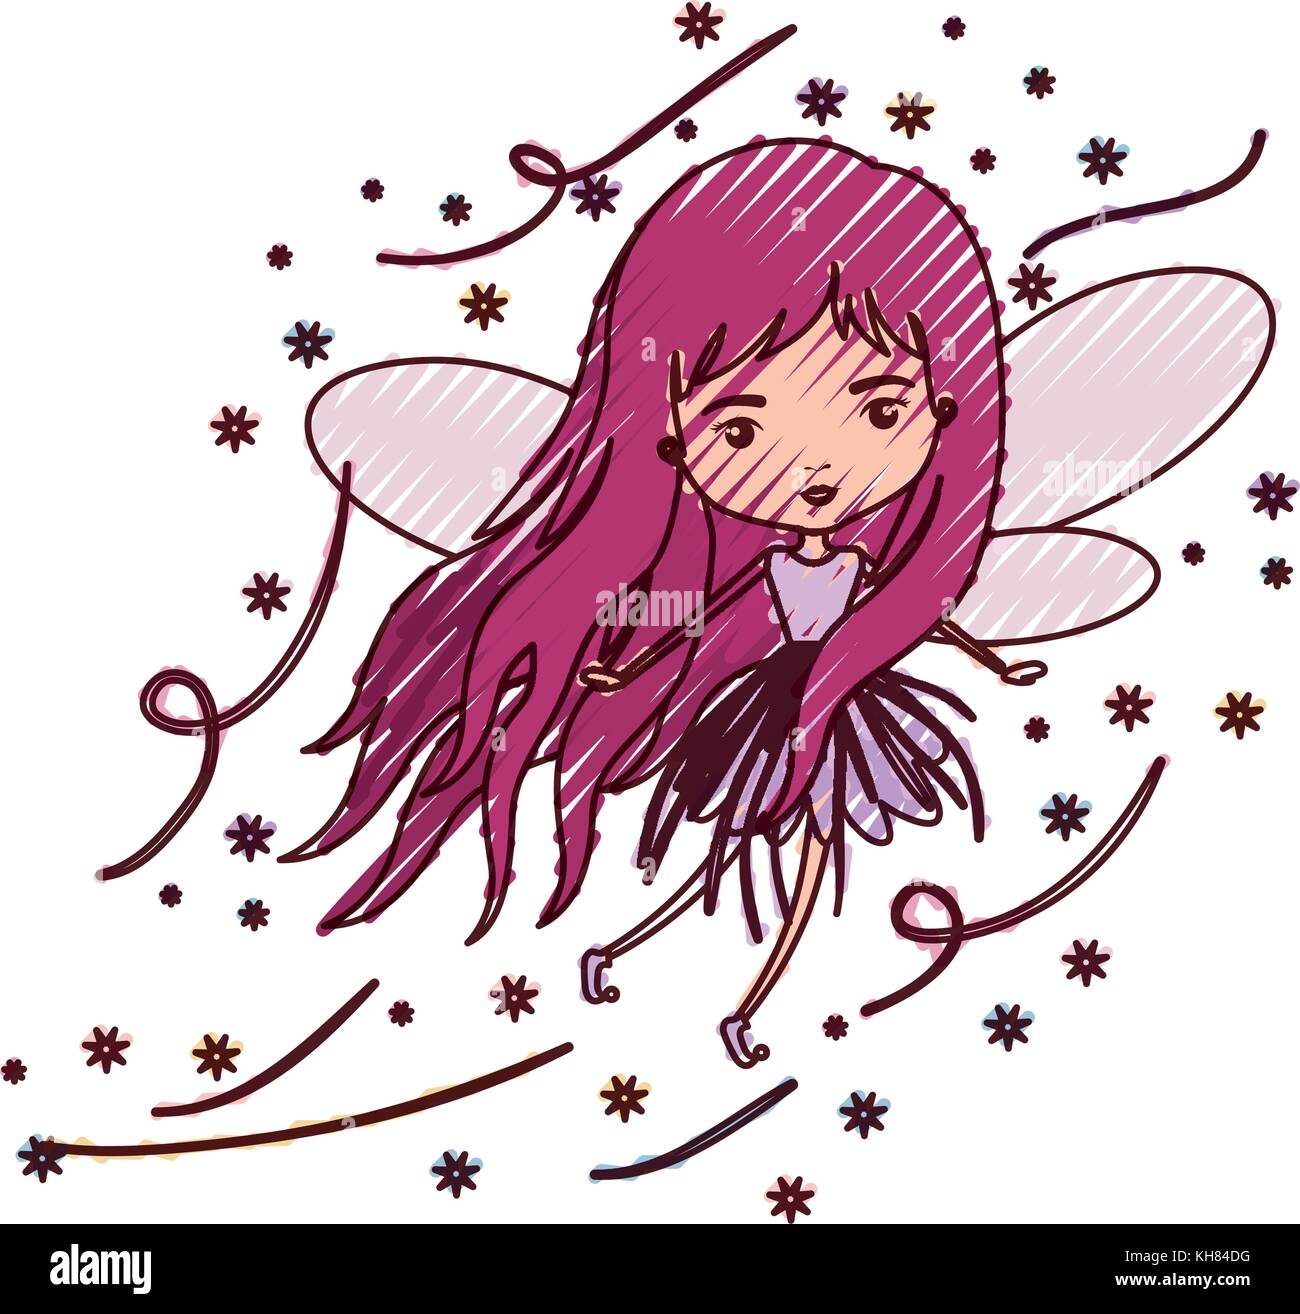 Girly Fee fliegen mit Flügeln und langen Haaren in farbige Kreide Silhouette Stockbild